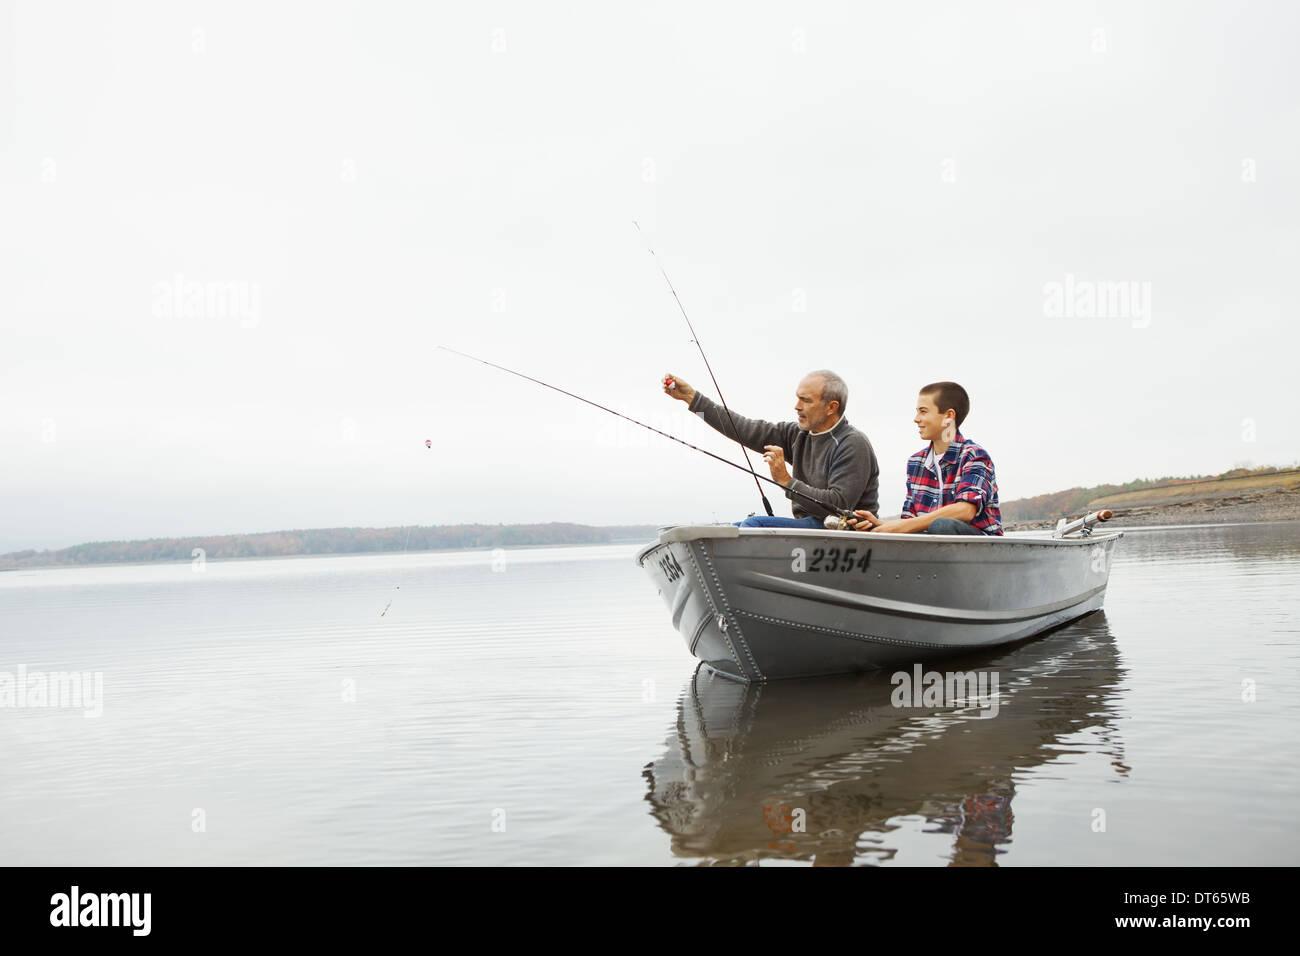 Una giornata al lago Ashokan. Un uomo e un ragazzo adolescente pesca dalla barca. Immagini Stock